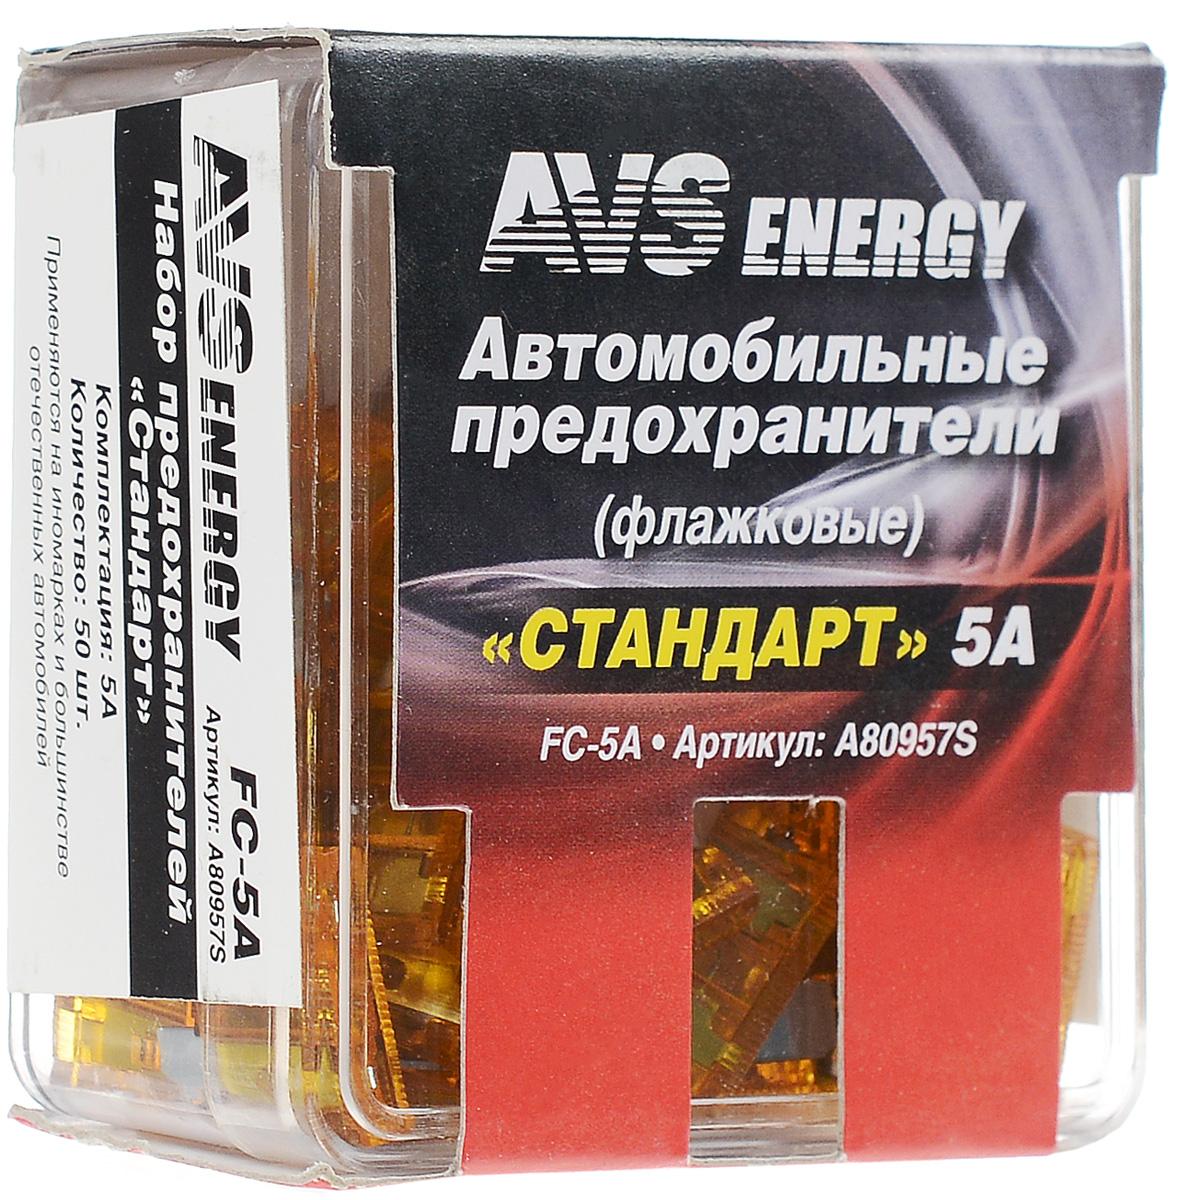 Набор автомобильных предохранителей AVS Стандарт, 5А, 50 шт93728793Автомобильные флажковые предохранители AVS помогут защитить электрические цепи автомобиля от короткого замыкания и позволят без проблем заменить сгоревший предохранитель в автомобиле. Корпус предохранителя выполнен из прозрачного пластика, а элемент - из цинкового сплава. Набор автомобильных предохранителей Стандарт применяется на иномарках и большинстве отечественных автомобилей. Номинал: 5А. Тип: флажковые.